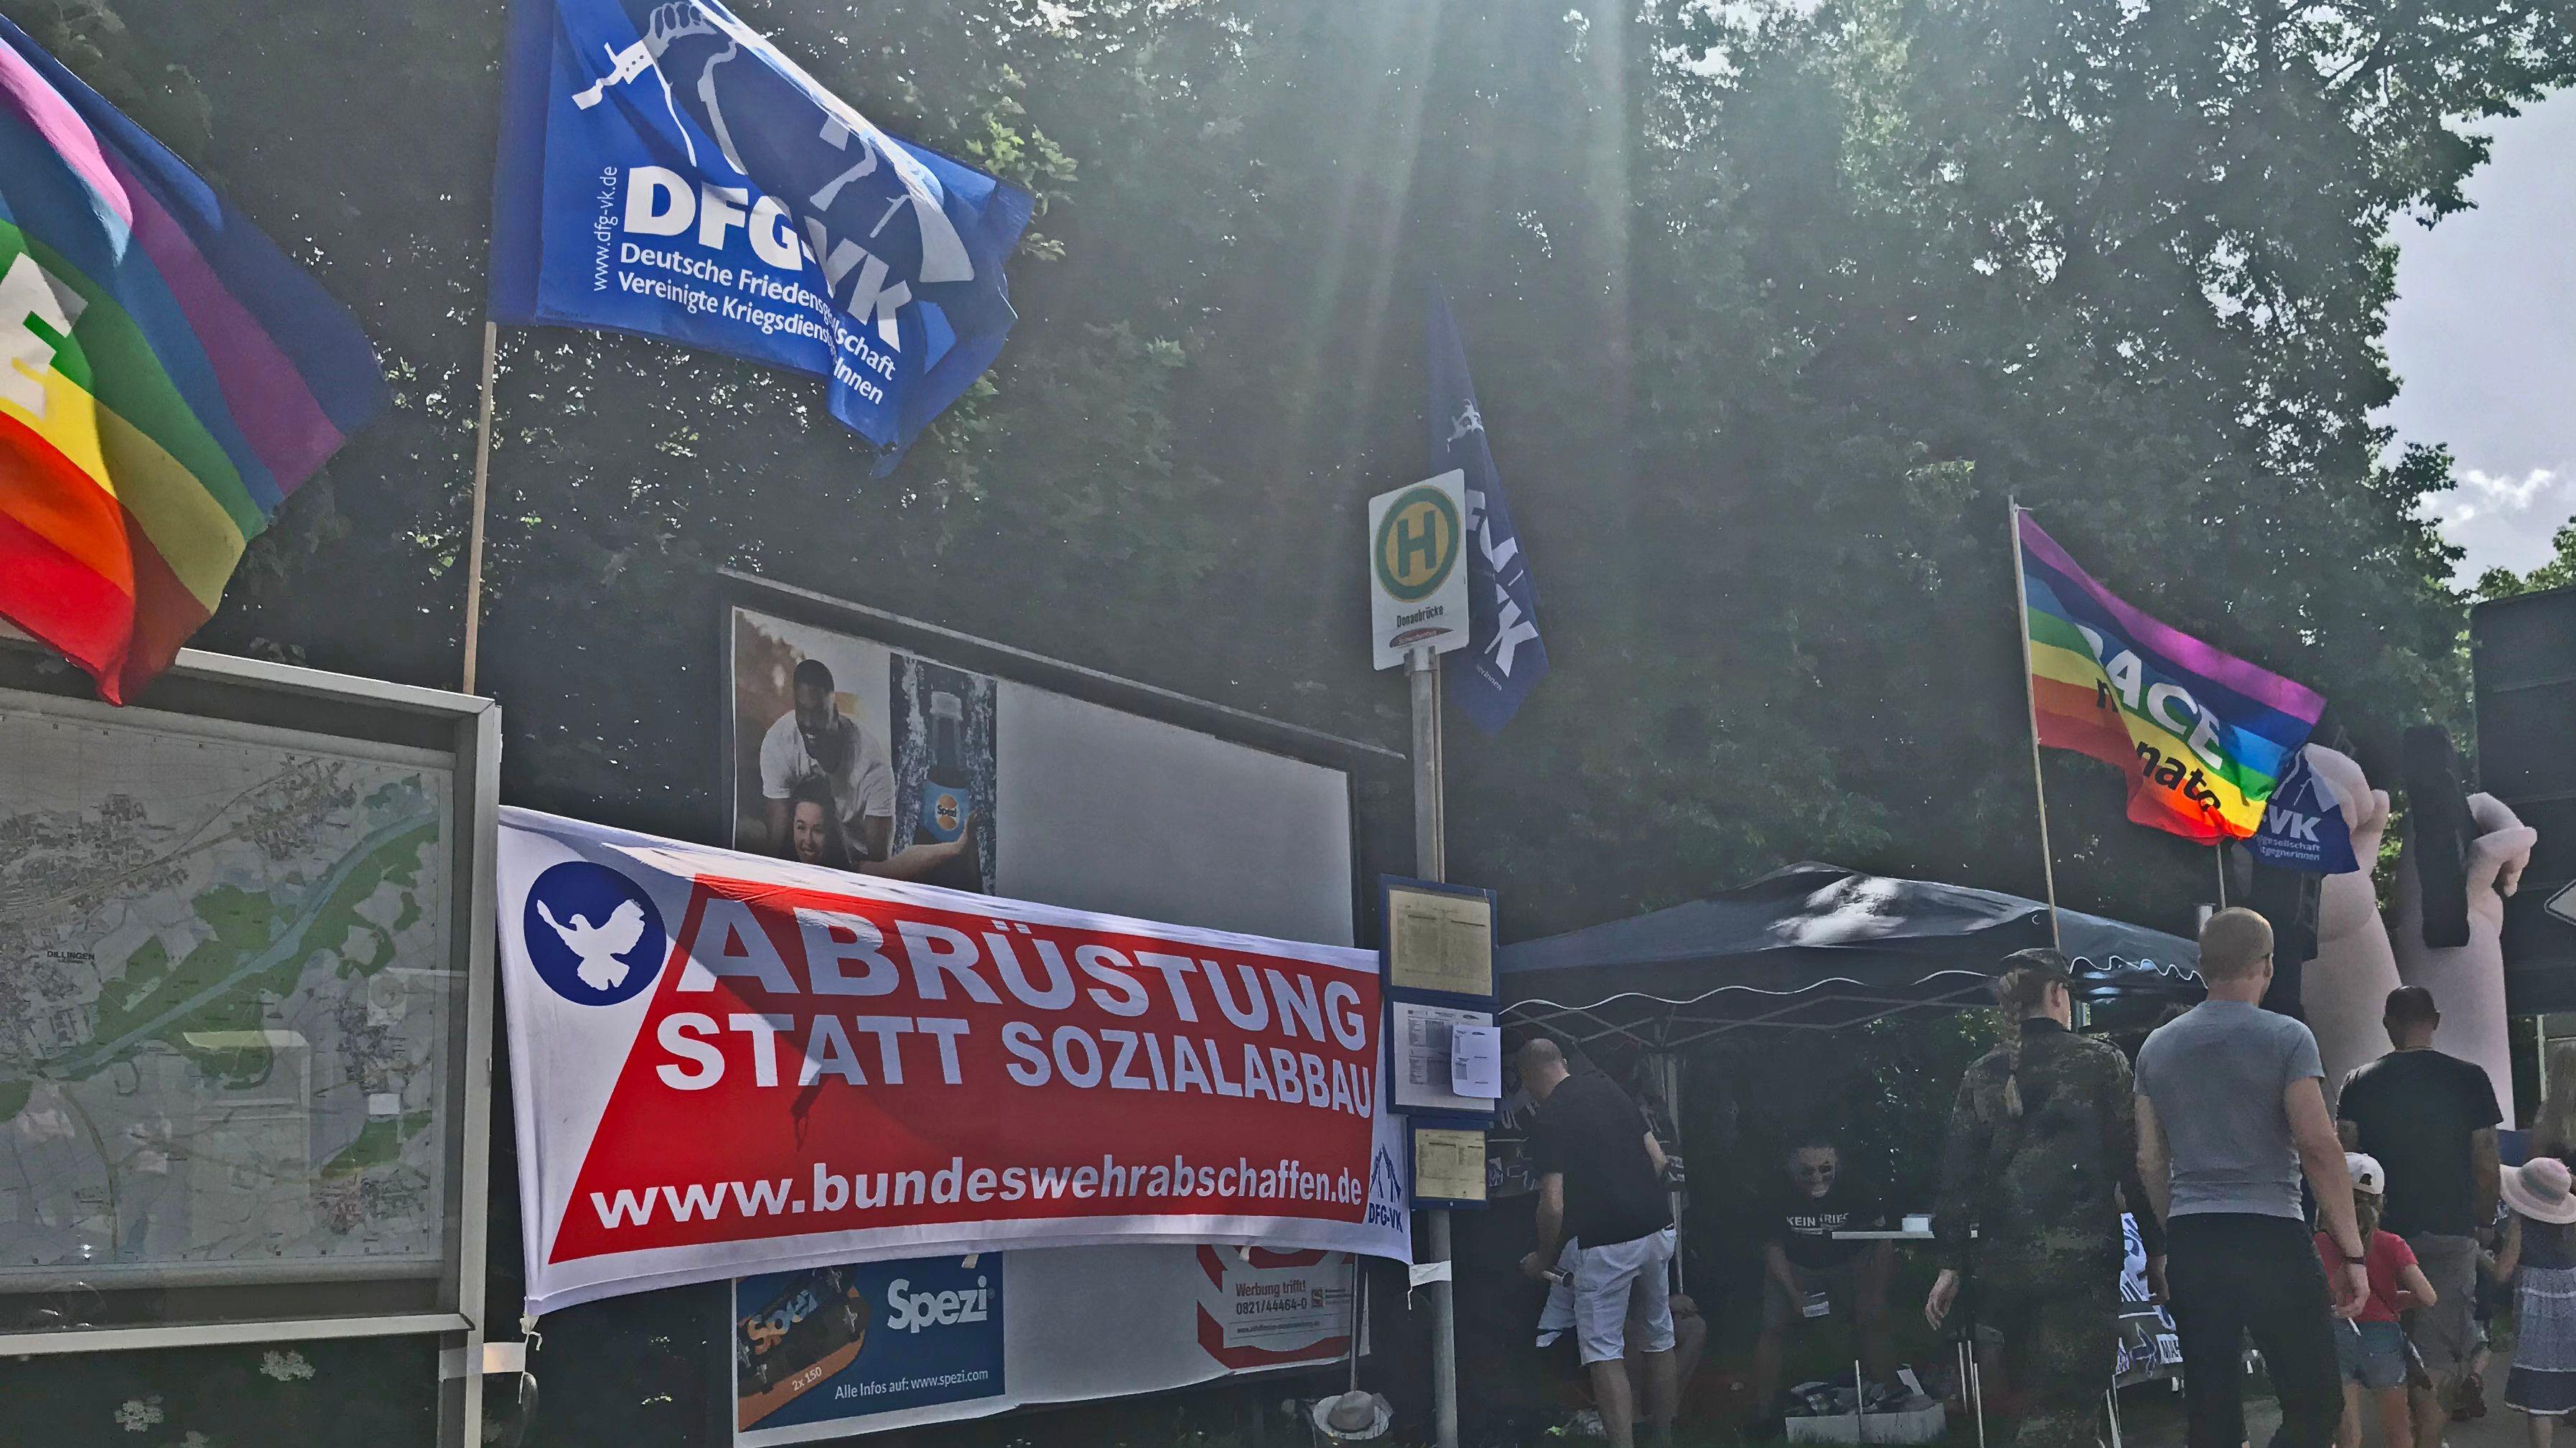 Friedensaktivisten nutzen den Tag der Bundeswehr zum Protest in Dillingen.